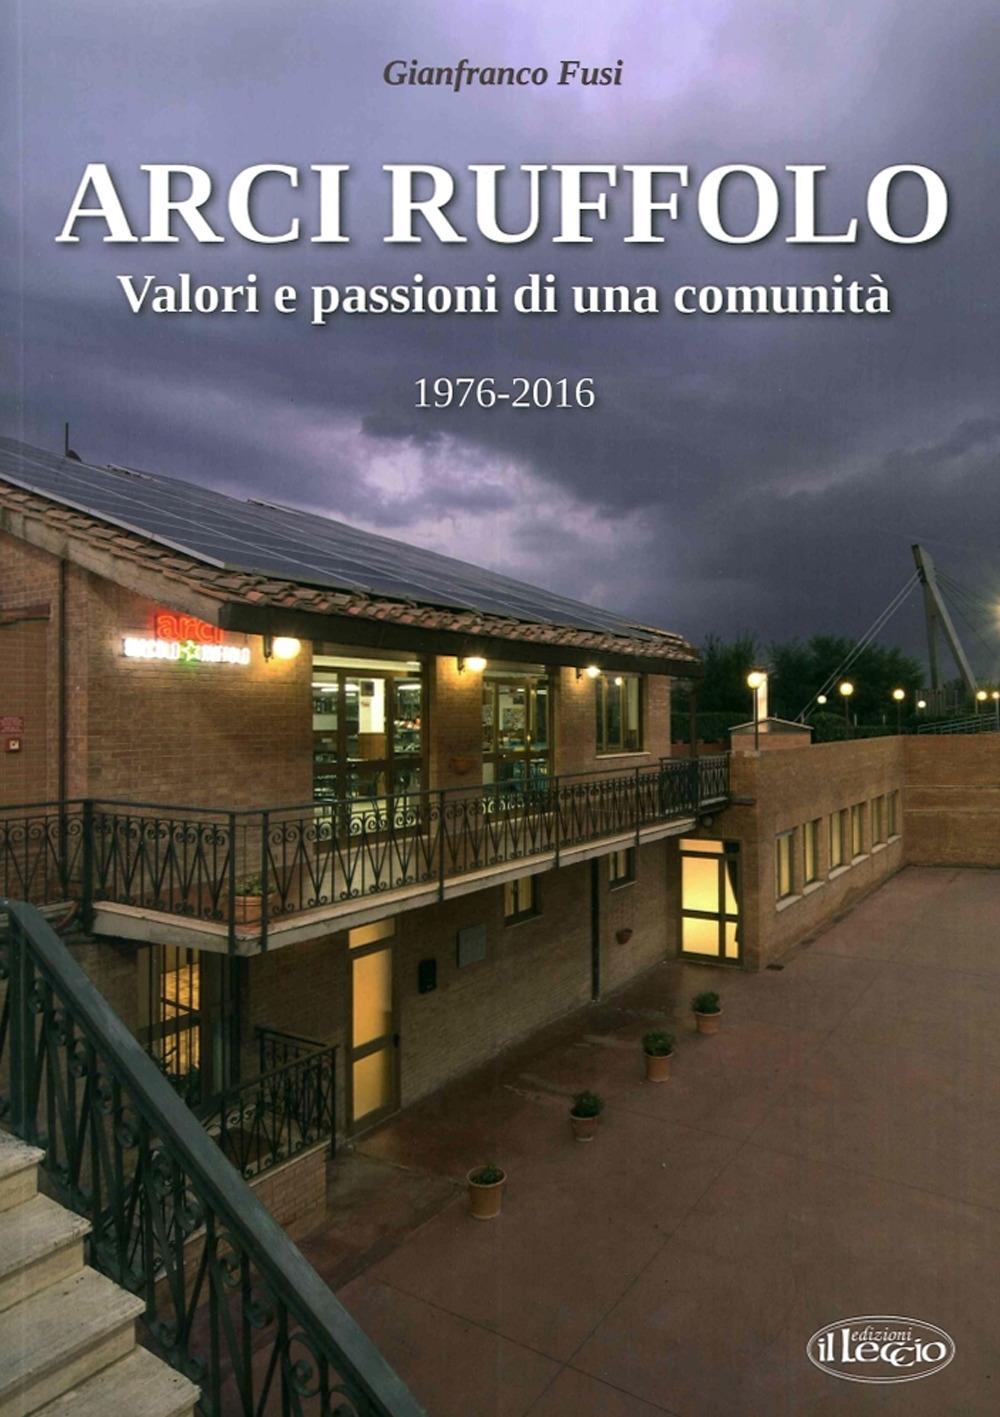 Arci Ruffolo. Valori e Passioni di una Comunità 1976-2016.